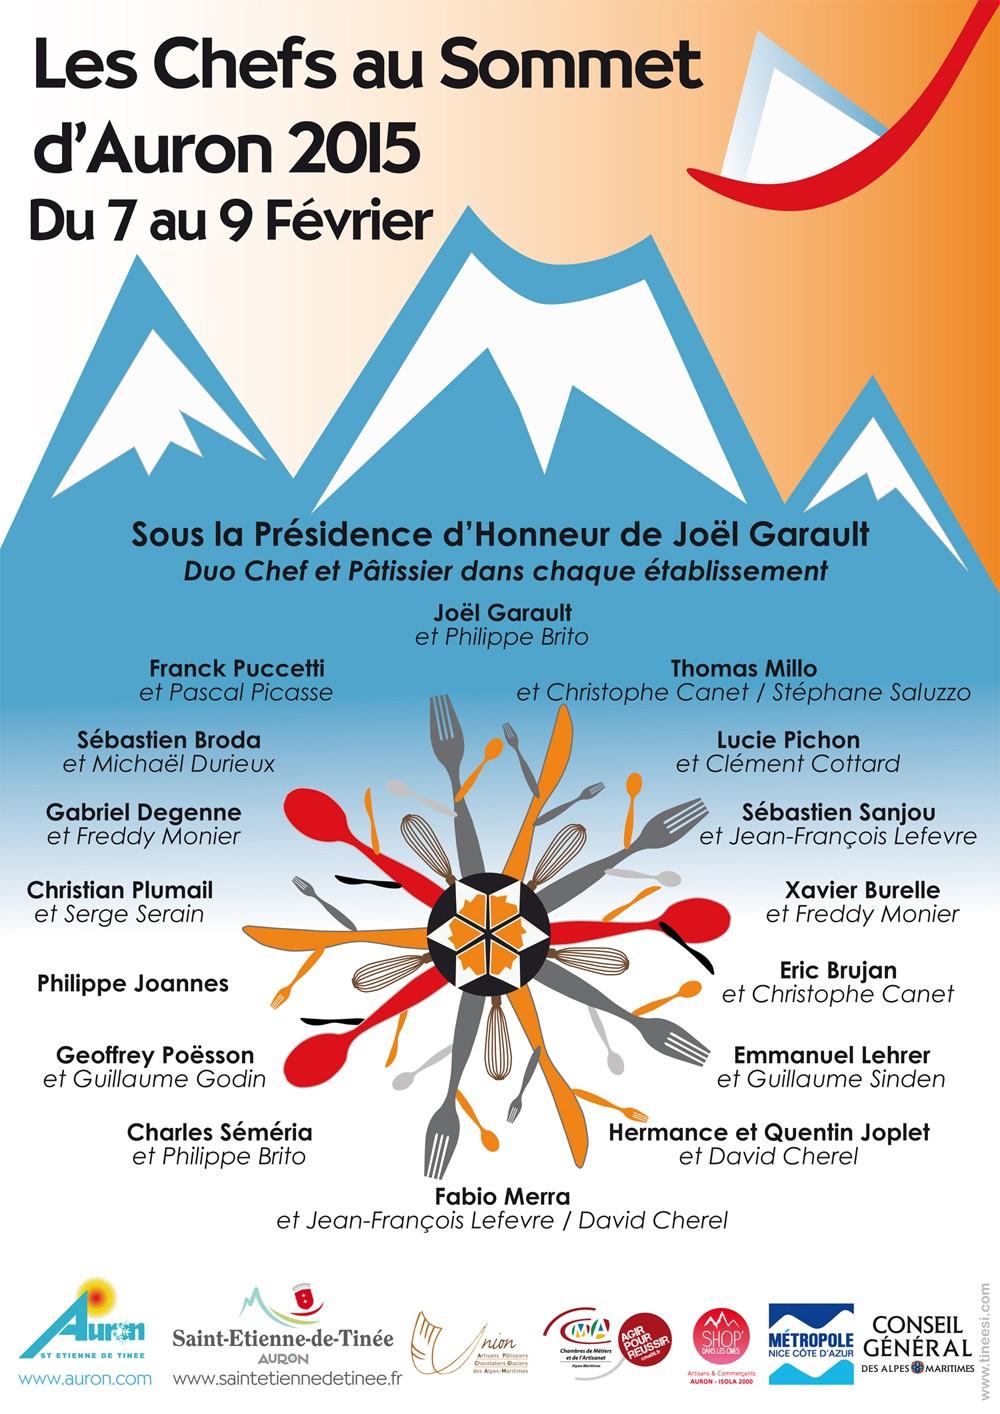 chefs des chefs au sommets d'auron festival de la gastronomie de Montagne